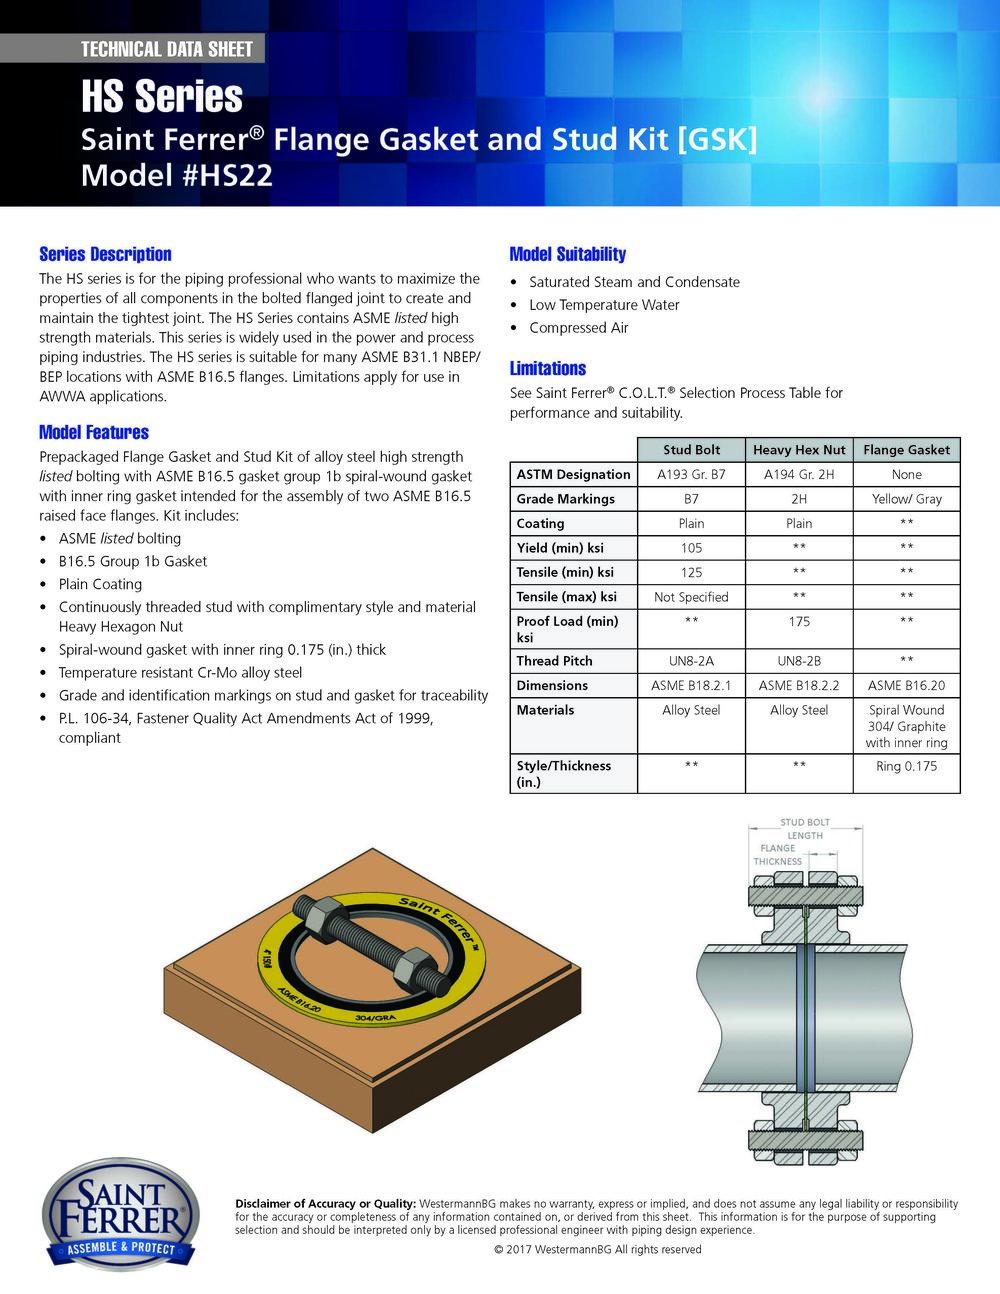 SF_Data_Sheet_HS_Series_HS22.jpg